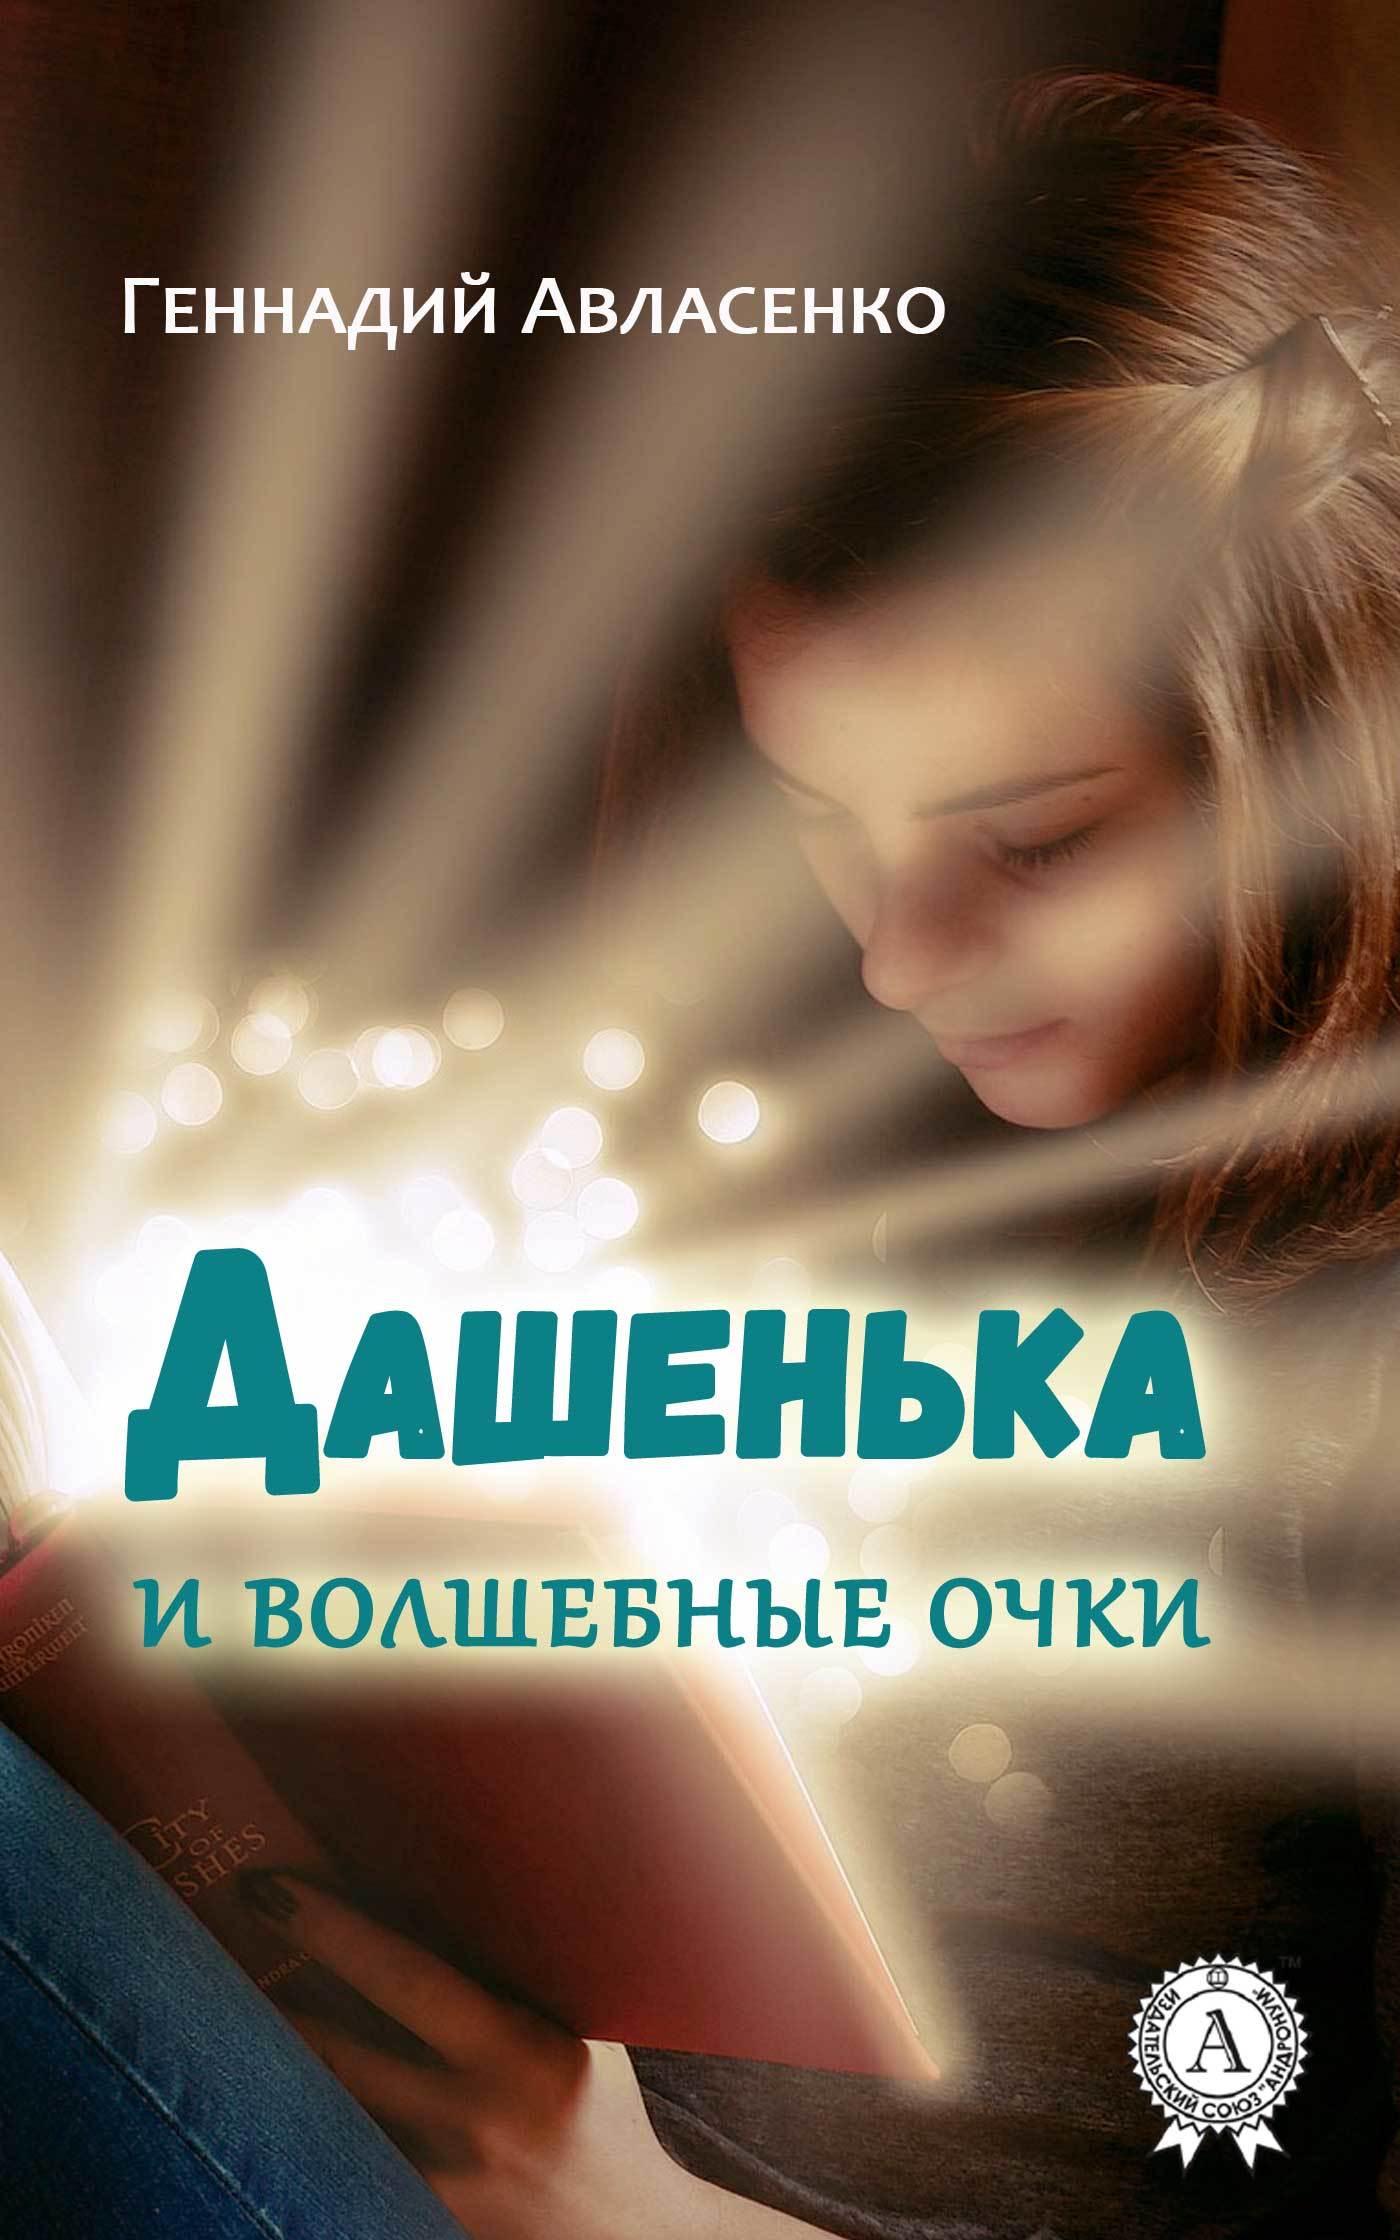 Геннадий Авласенко. Дашенька и волшебные очки